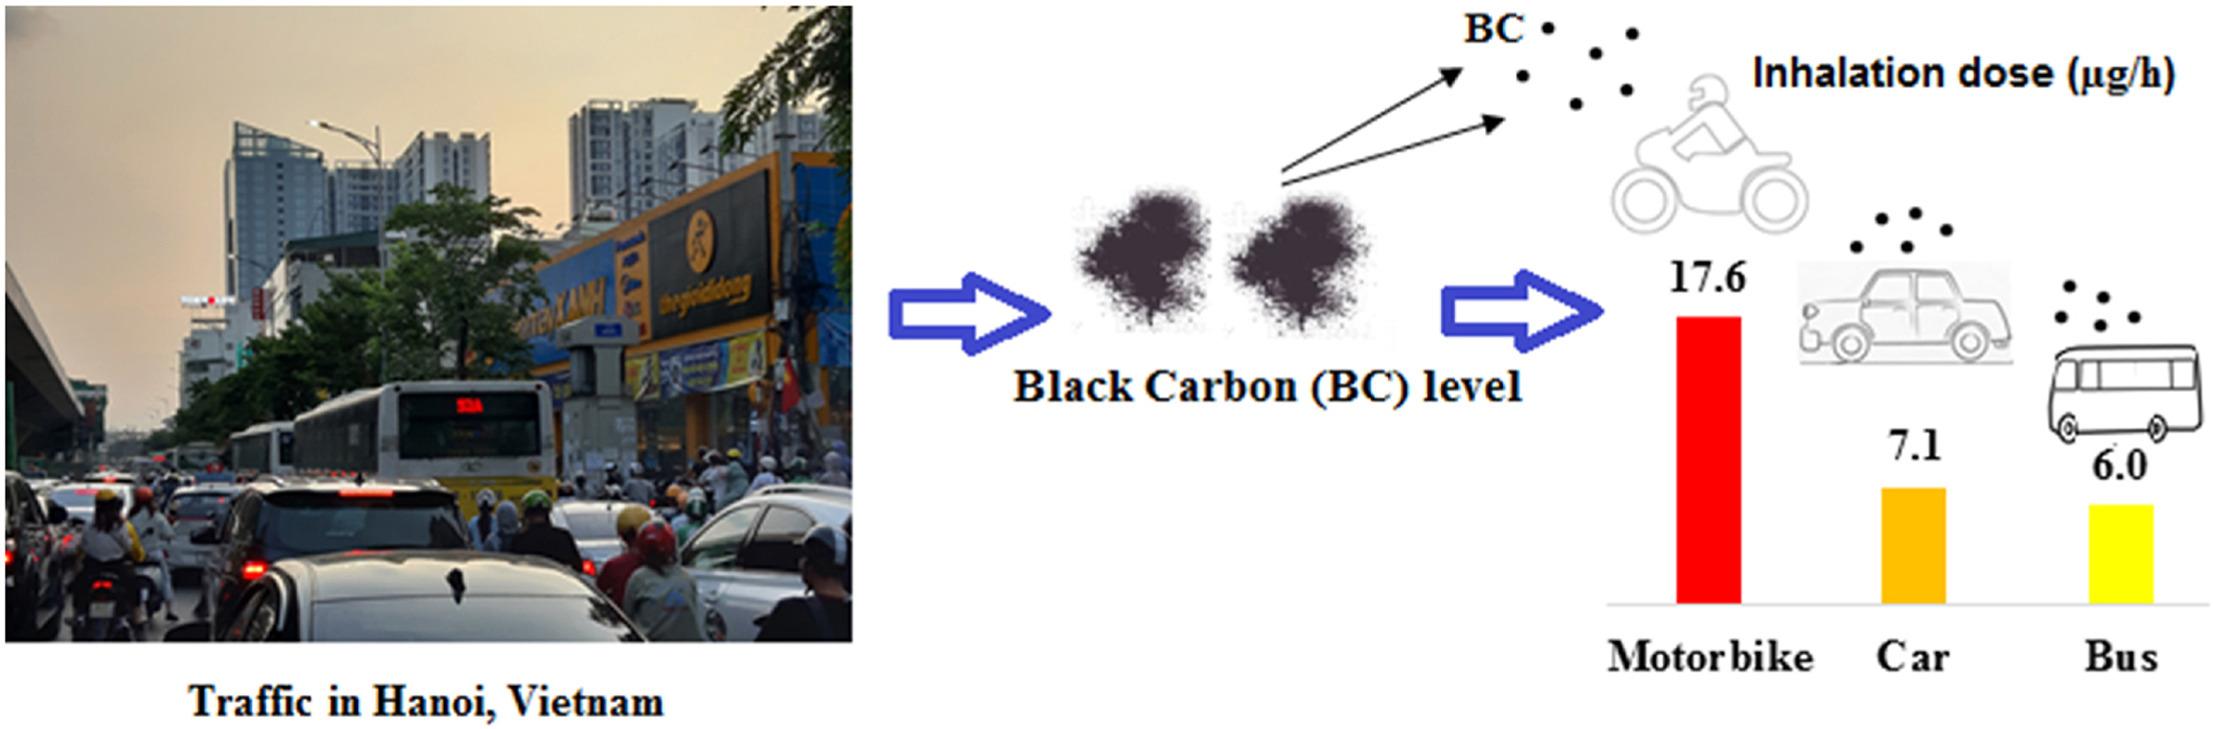 Nghiên cứu: Người đi xe máy ở Hà Nội đang bị phơi nhiễm carbon đen gấp 3 lần người đi xe bus 1